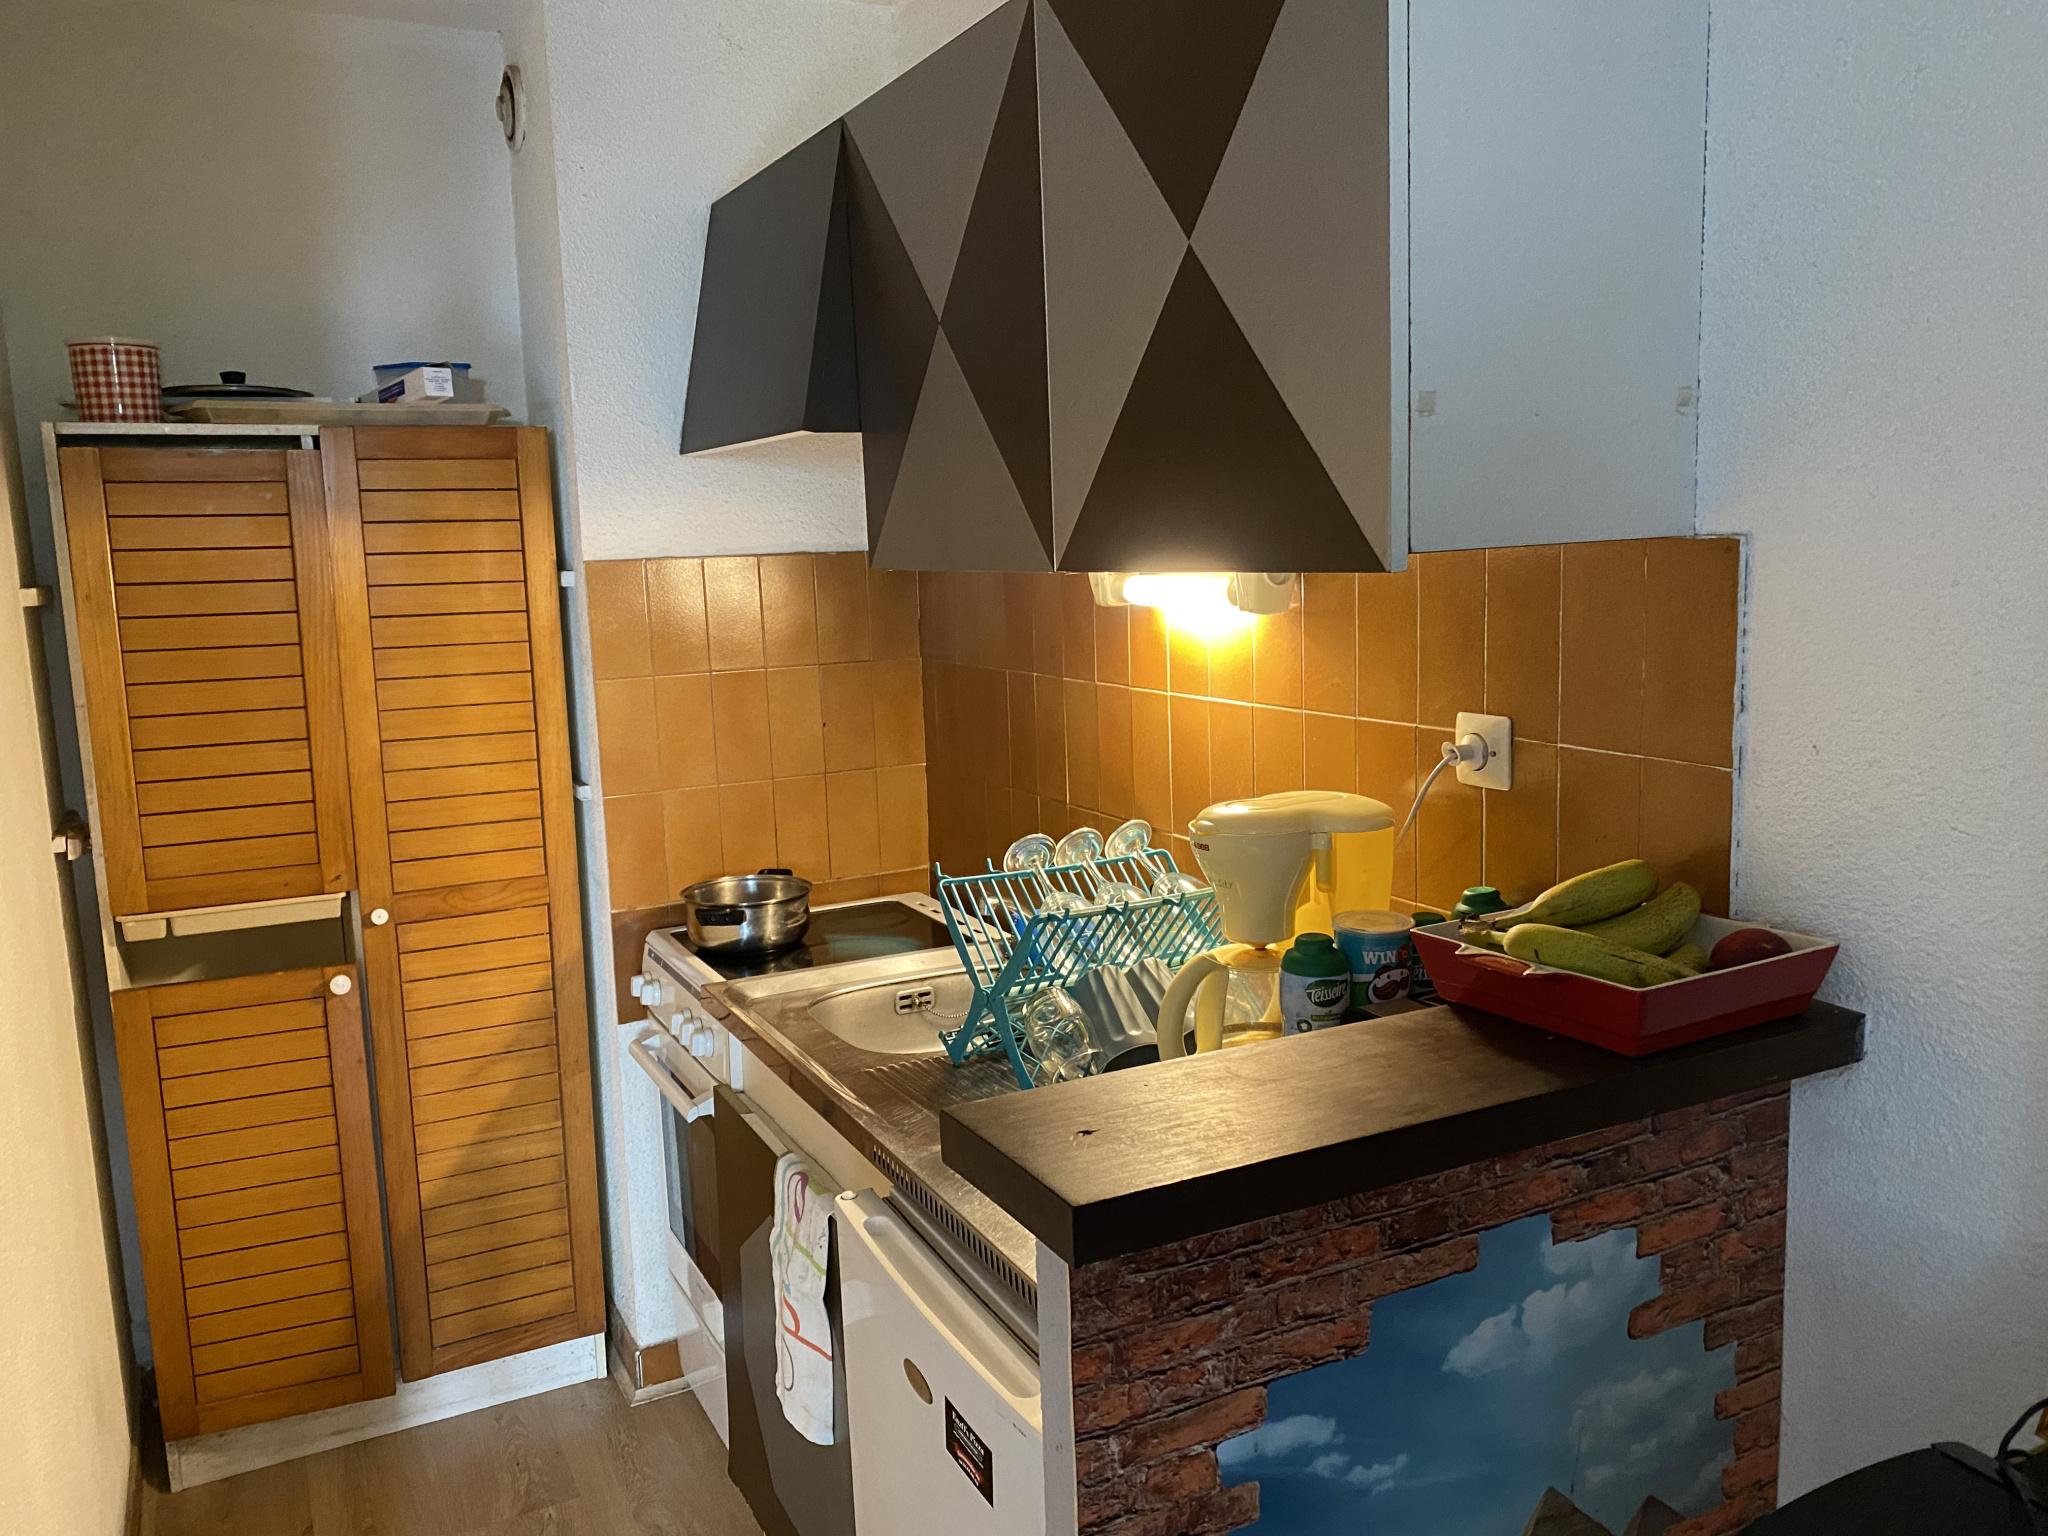 À vendre appartement de 28.45m2 à argeles sur mer (66700) - Photo 5'